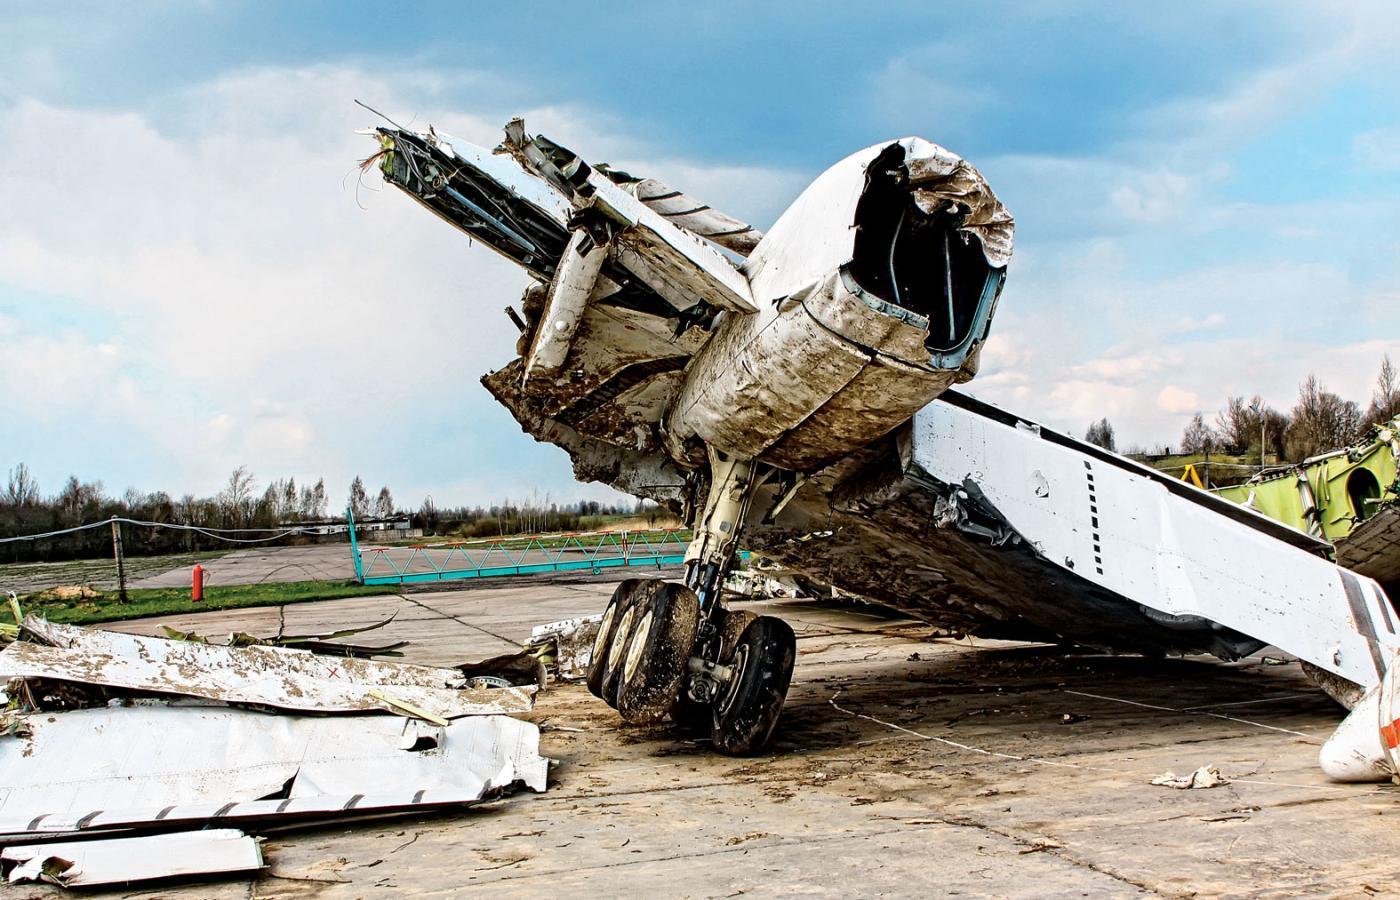 Katastrofa smoleńska: zacieranie faktów | Smoleńsk: kłamstwo